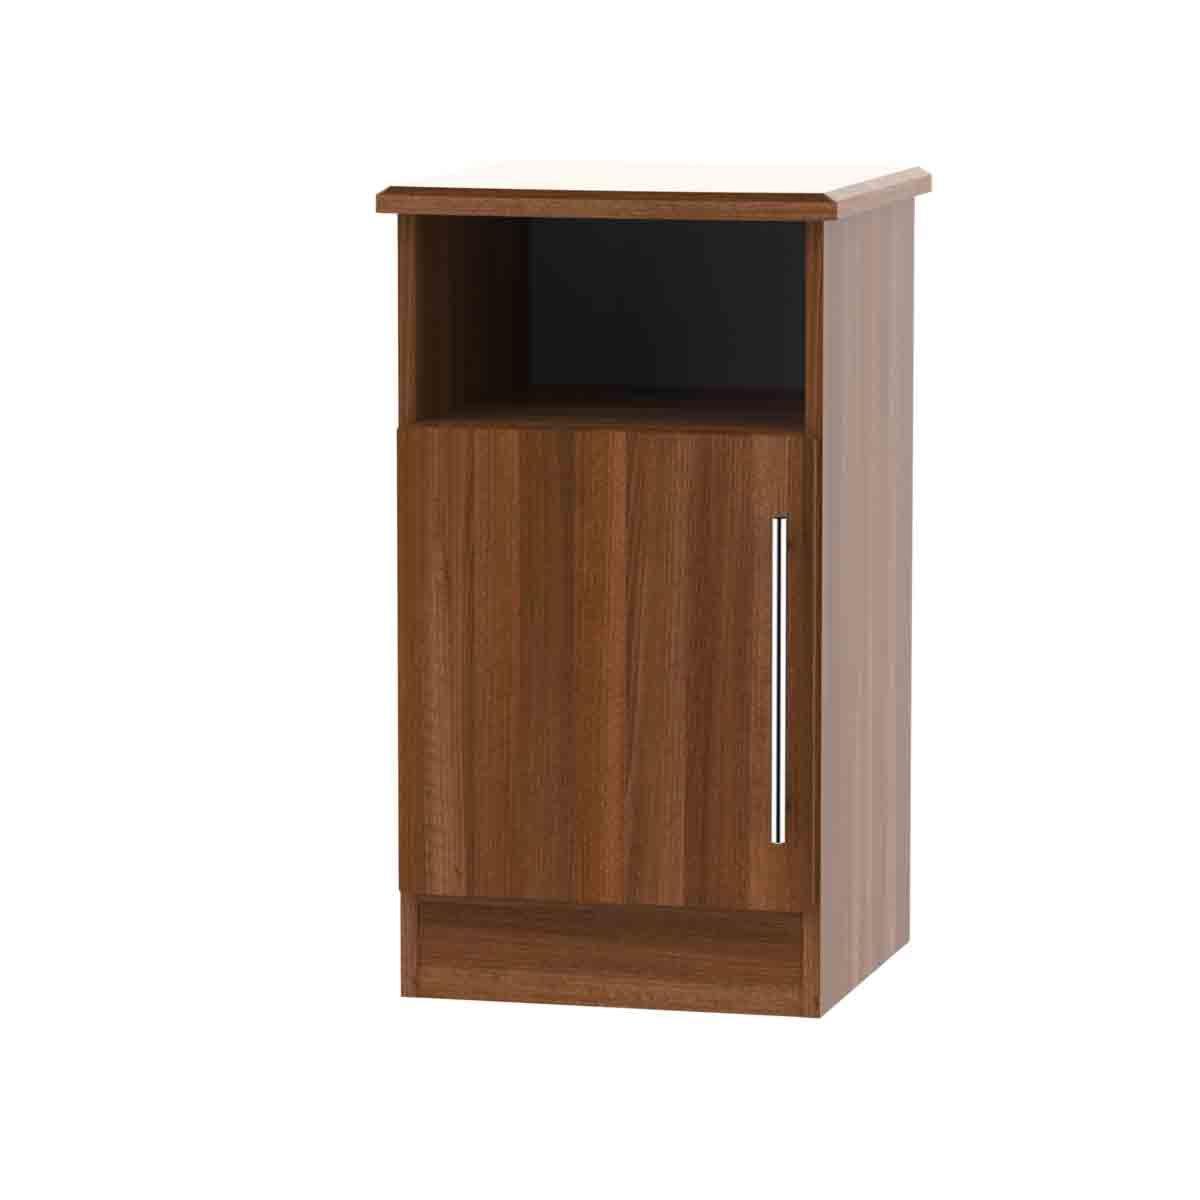 Edina 1-Door Bedside Table - Walnut